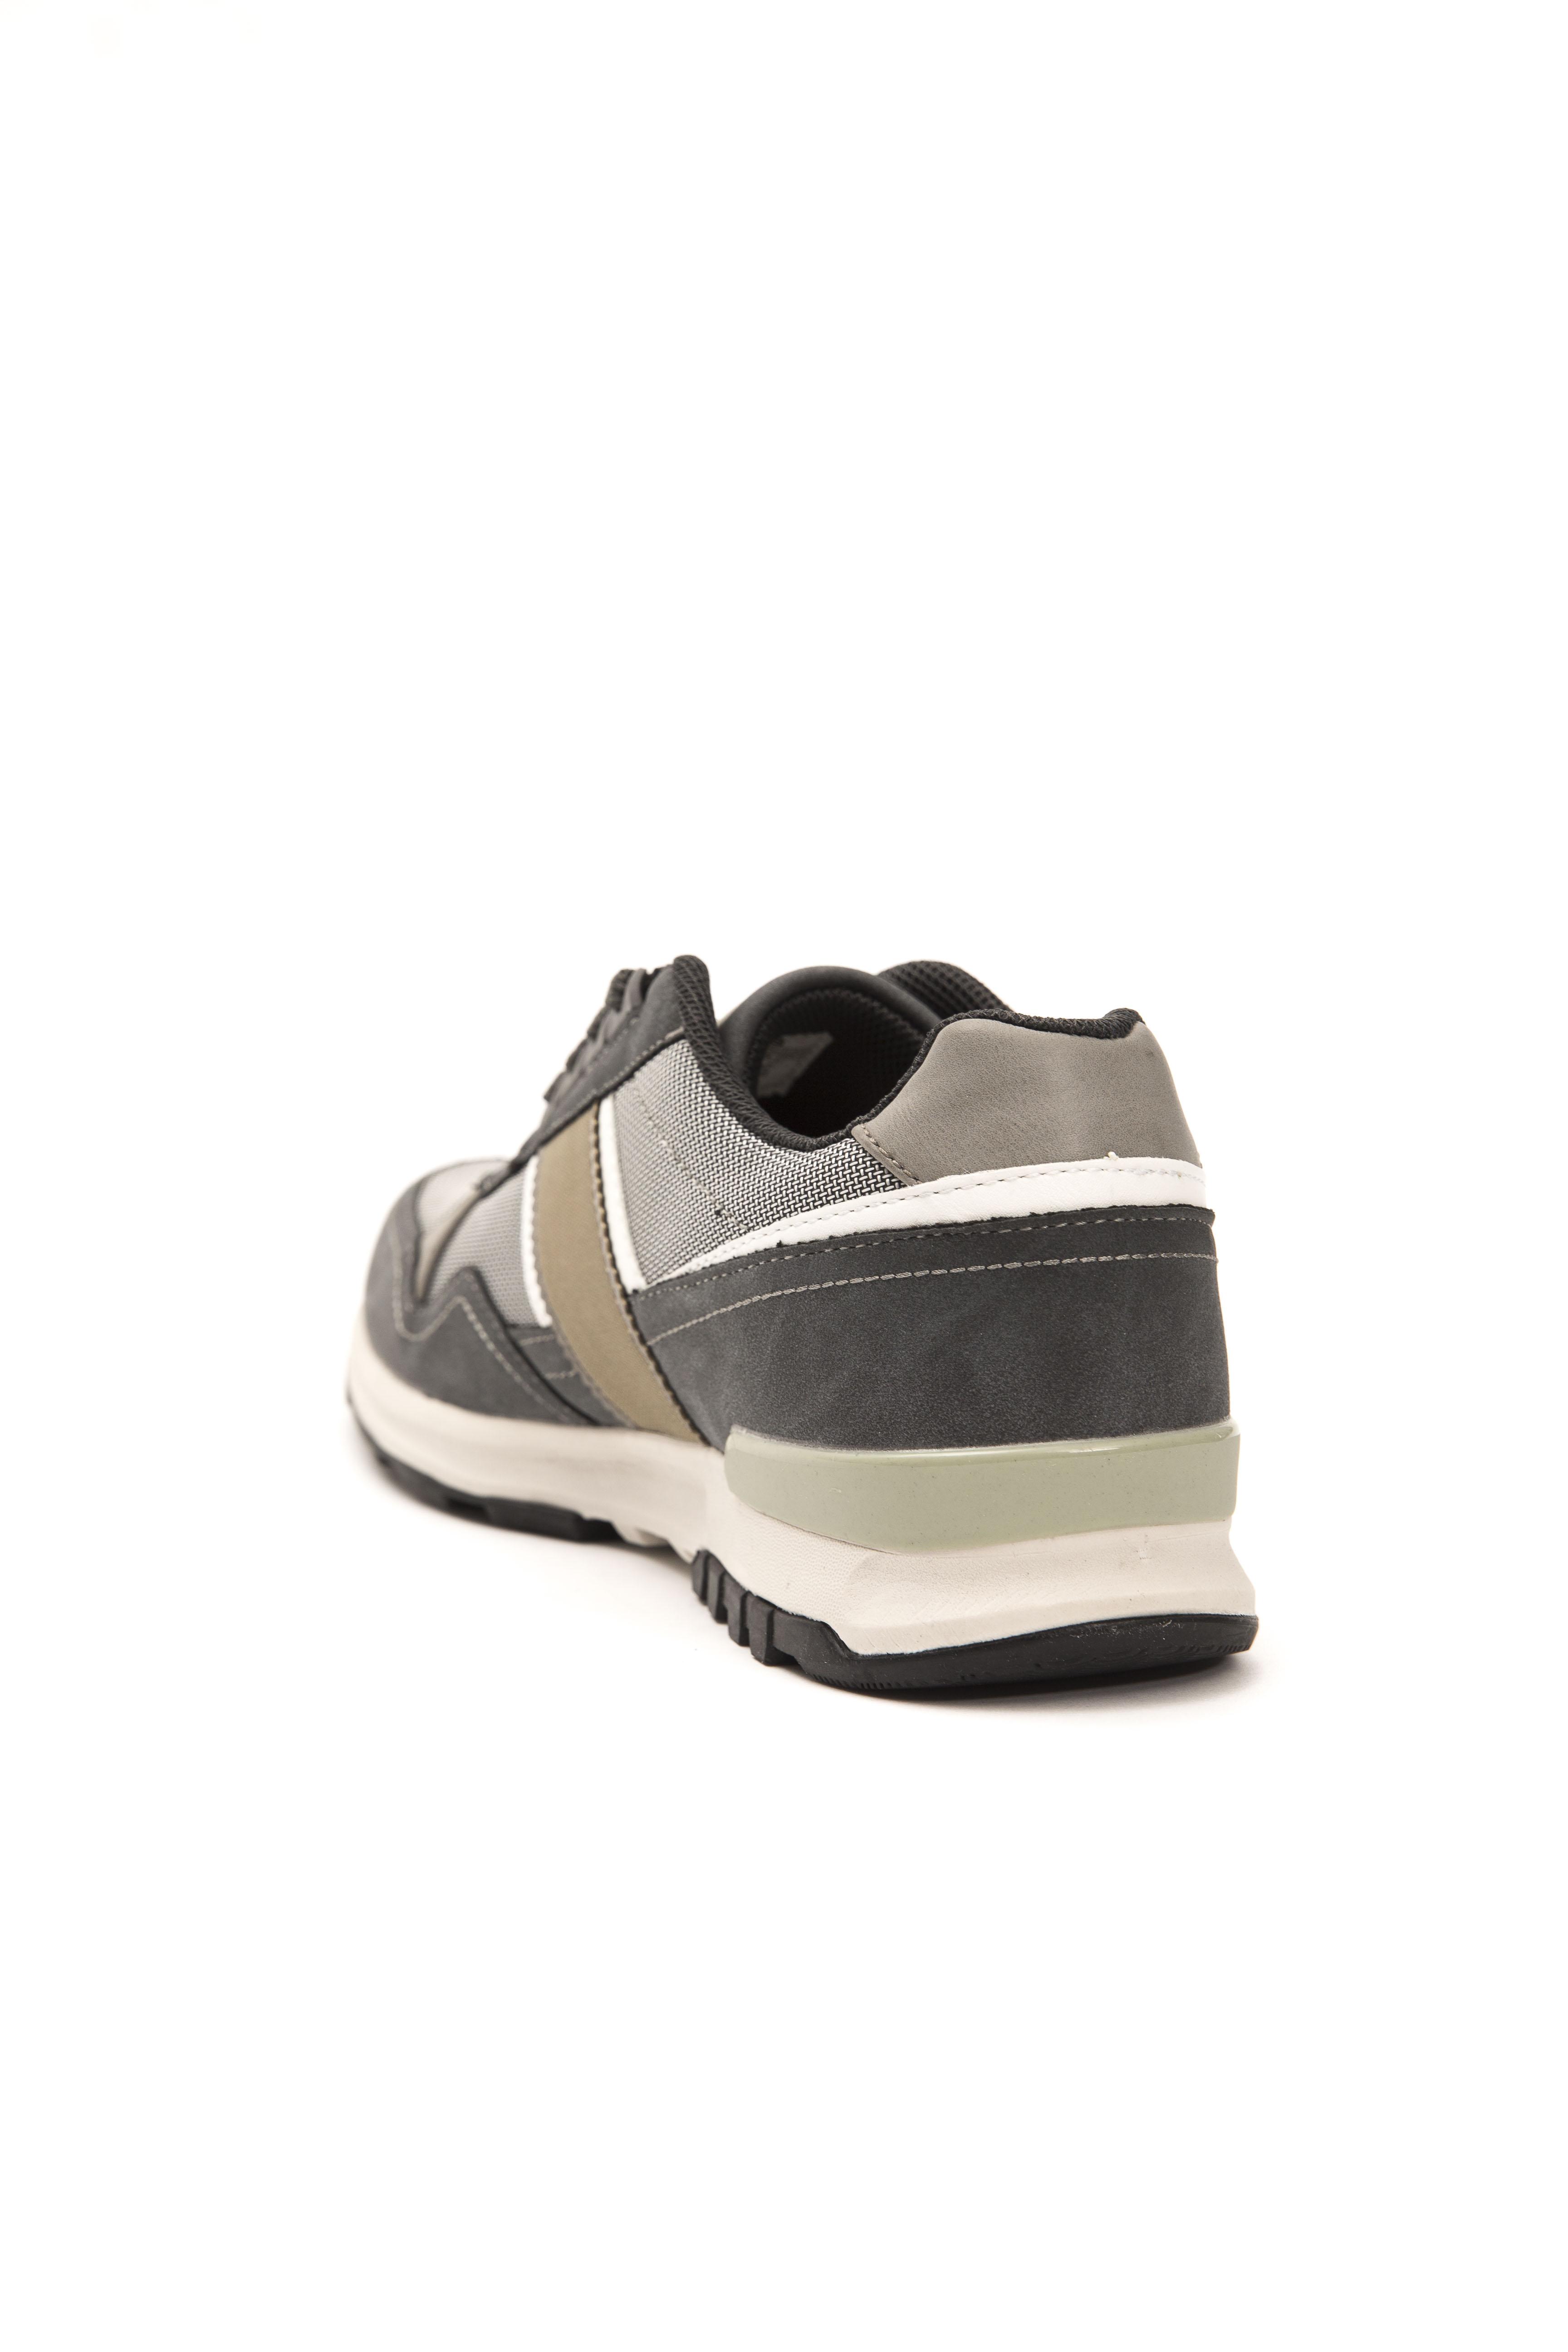 Sneakers Sneakers Sneakers Gas Gris Gas Gam813030 Homme Gris Homme Gam813030 Gris 53RAjL4q